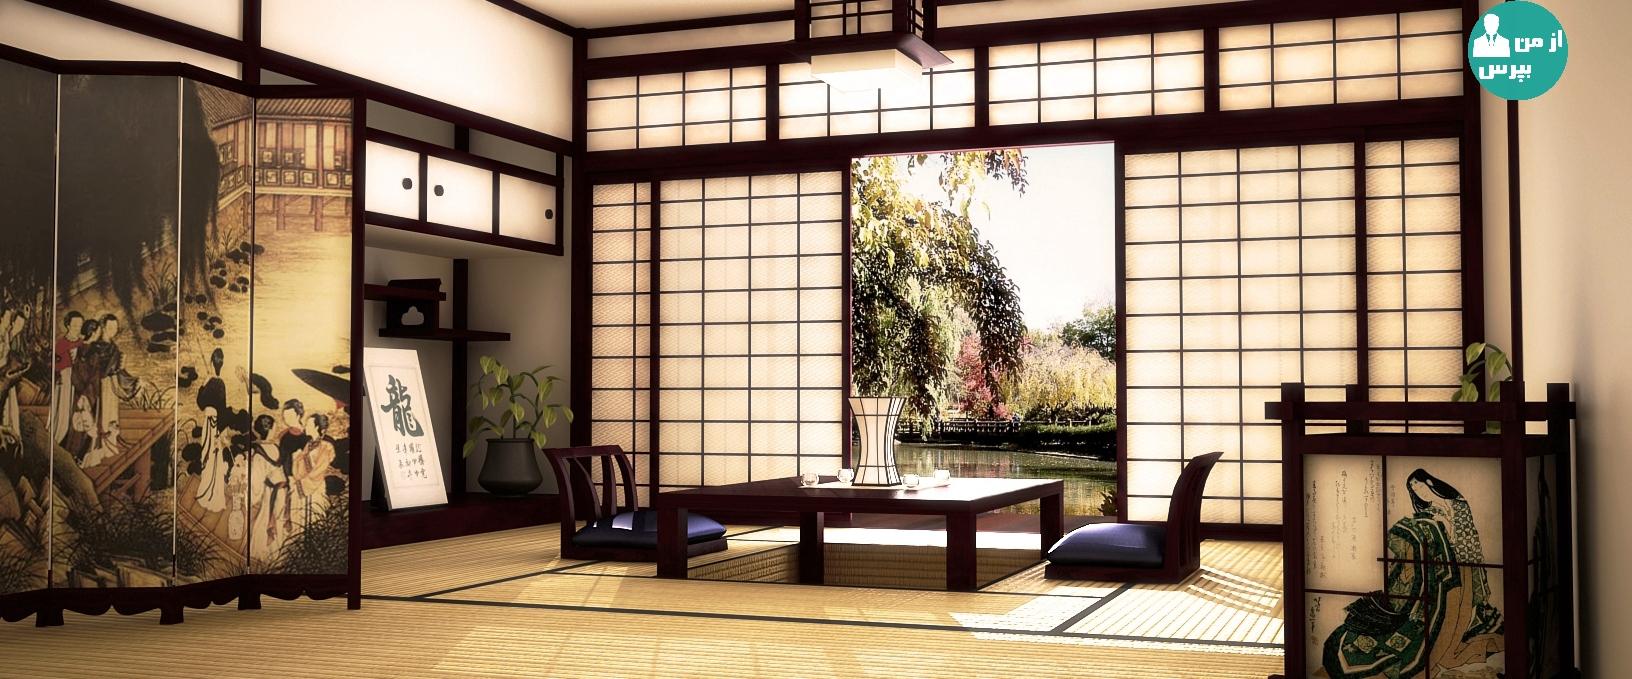 سبک ژاپنی